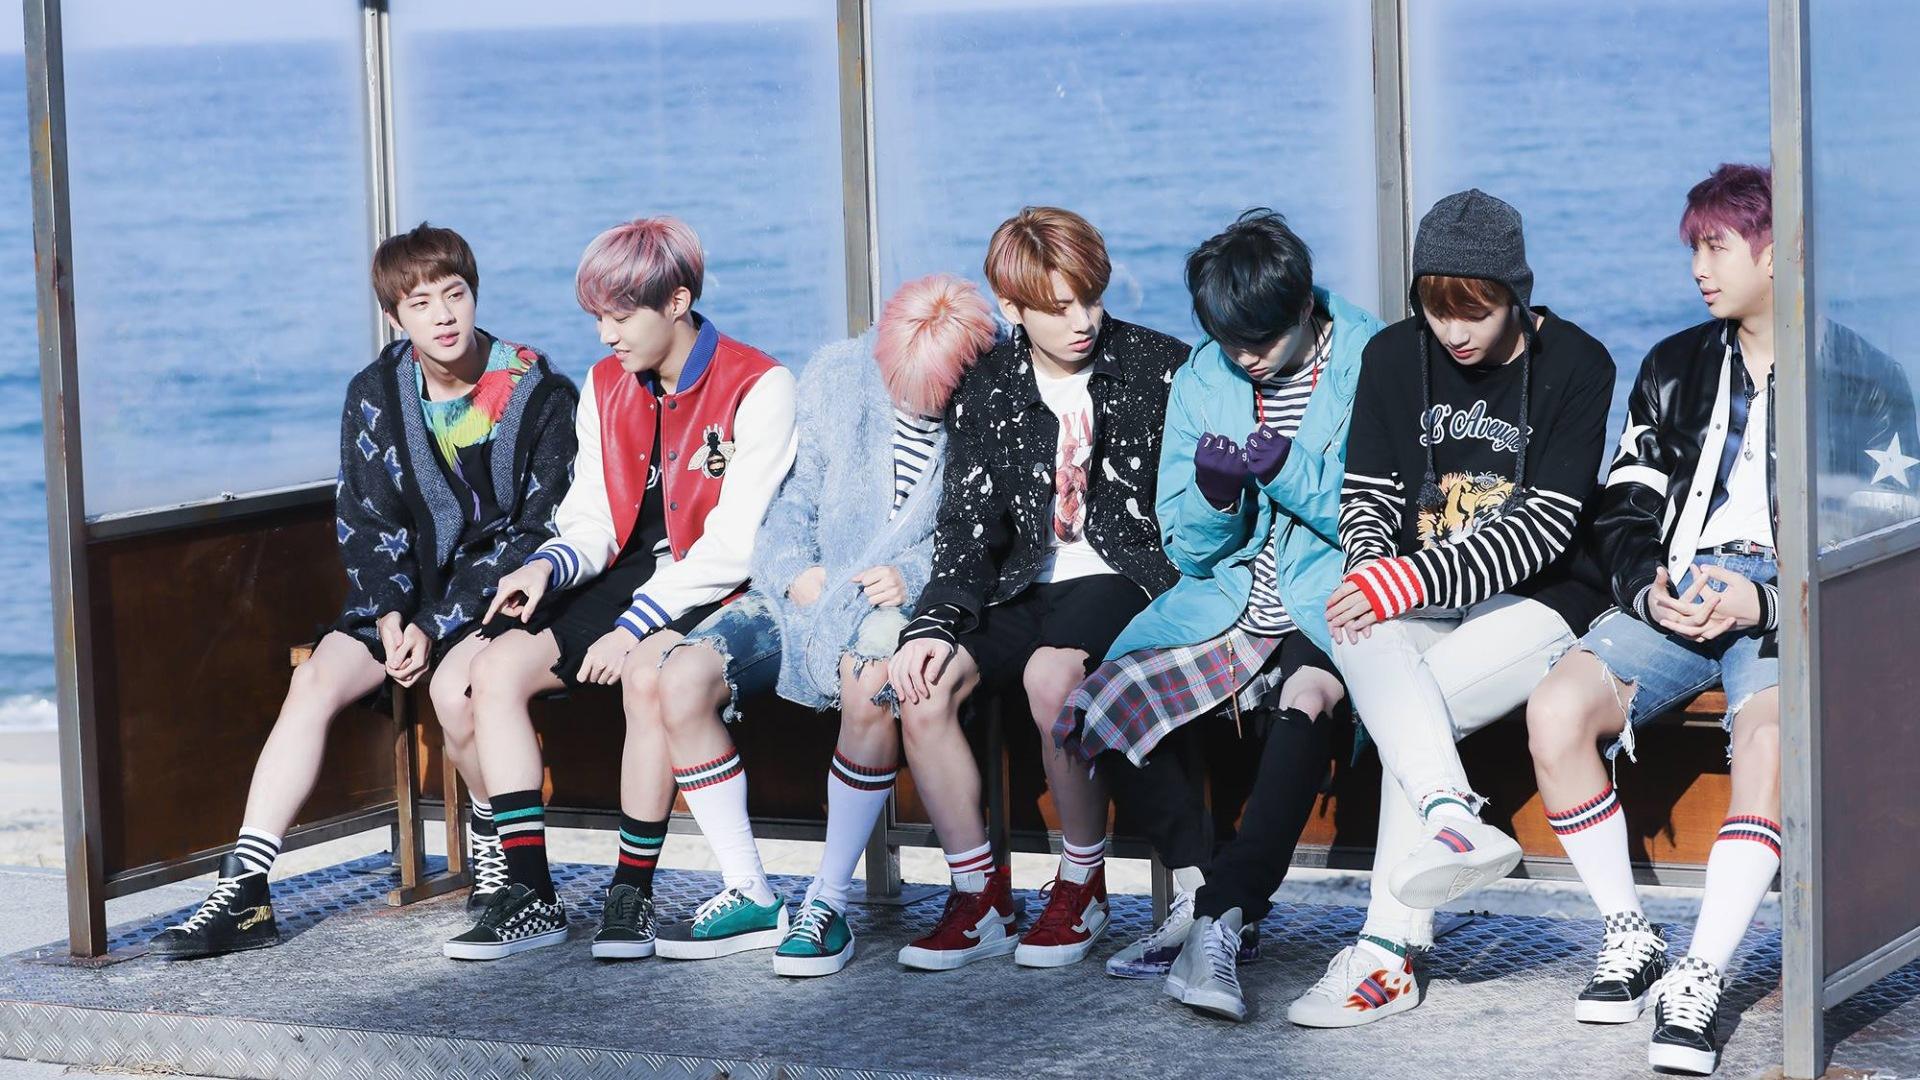 Ảnh nền của nhóm nhạc BTS wallpaper cực đẹp